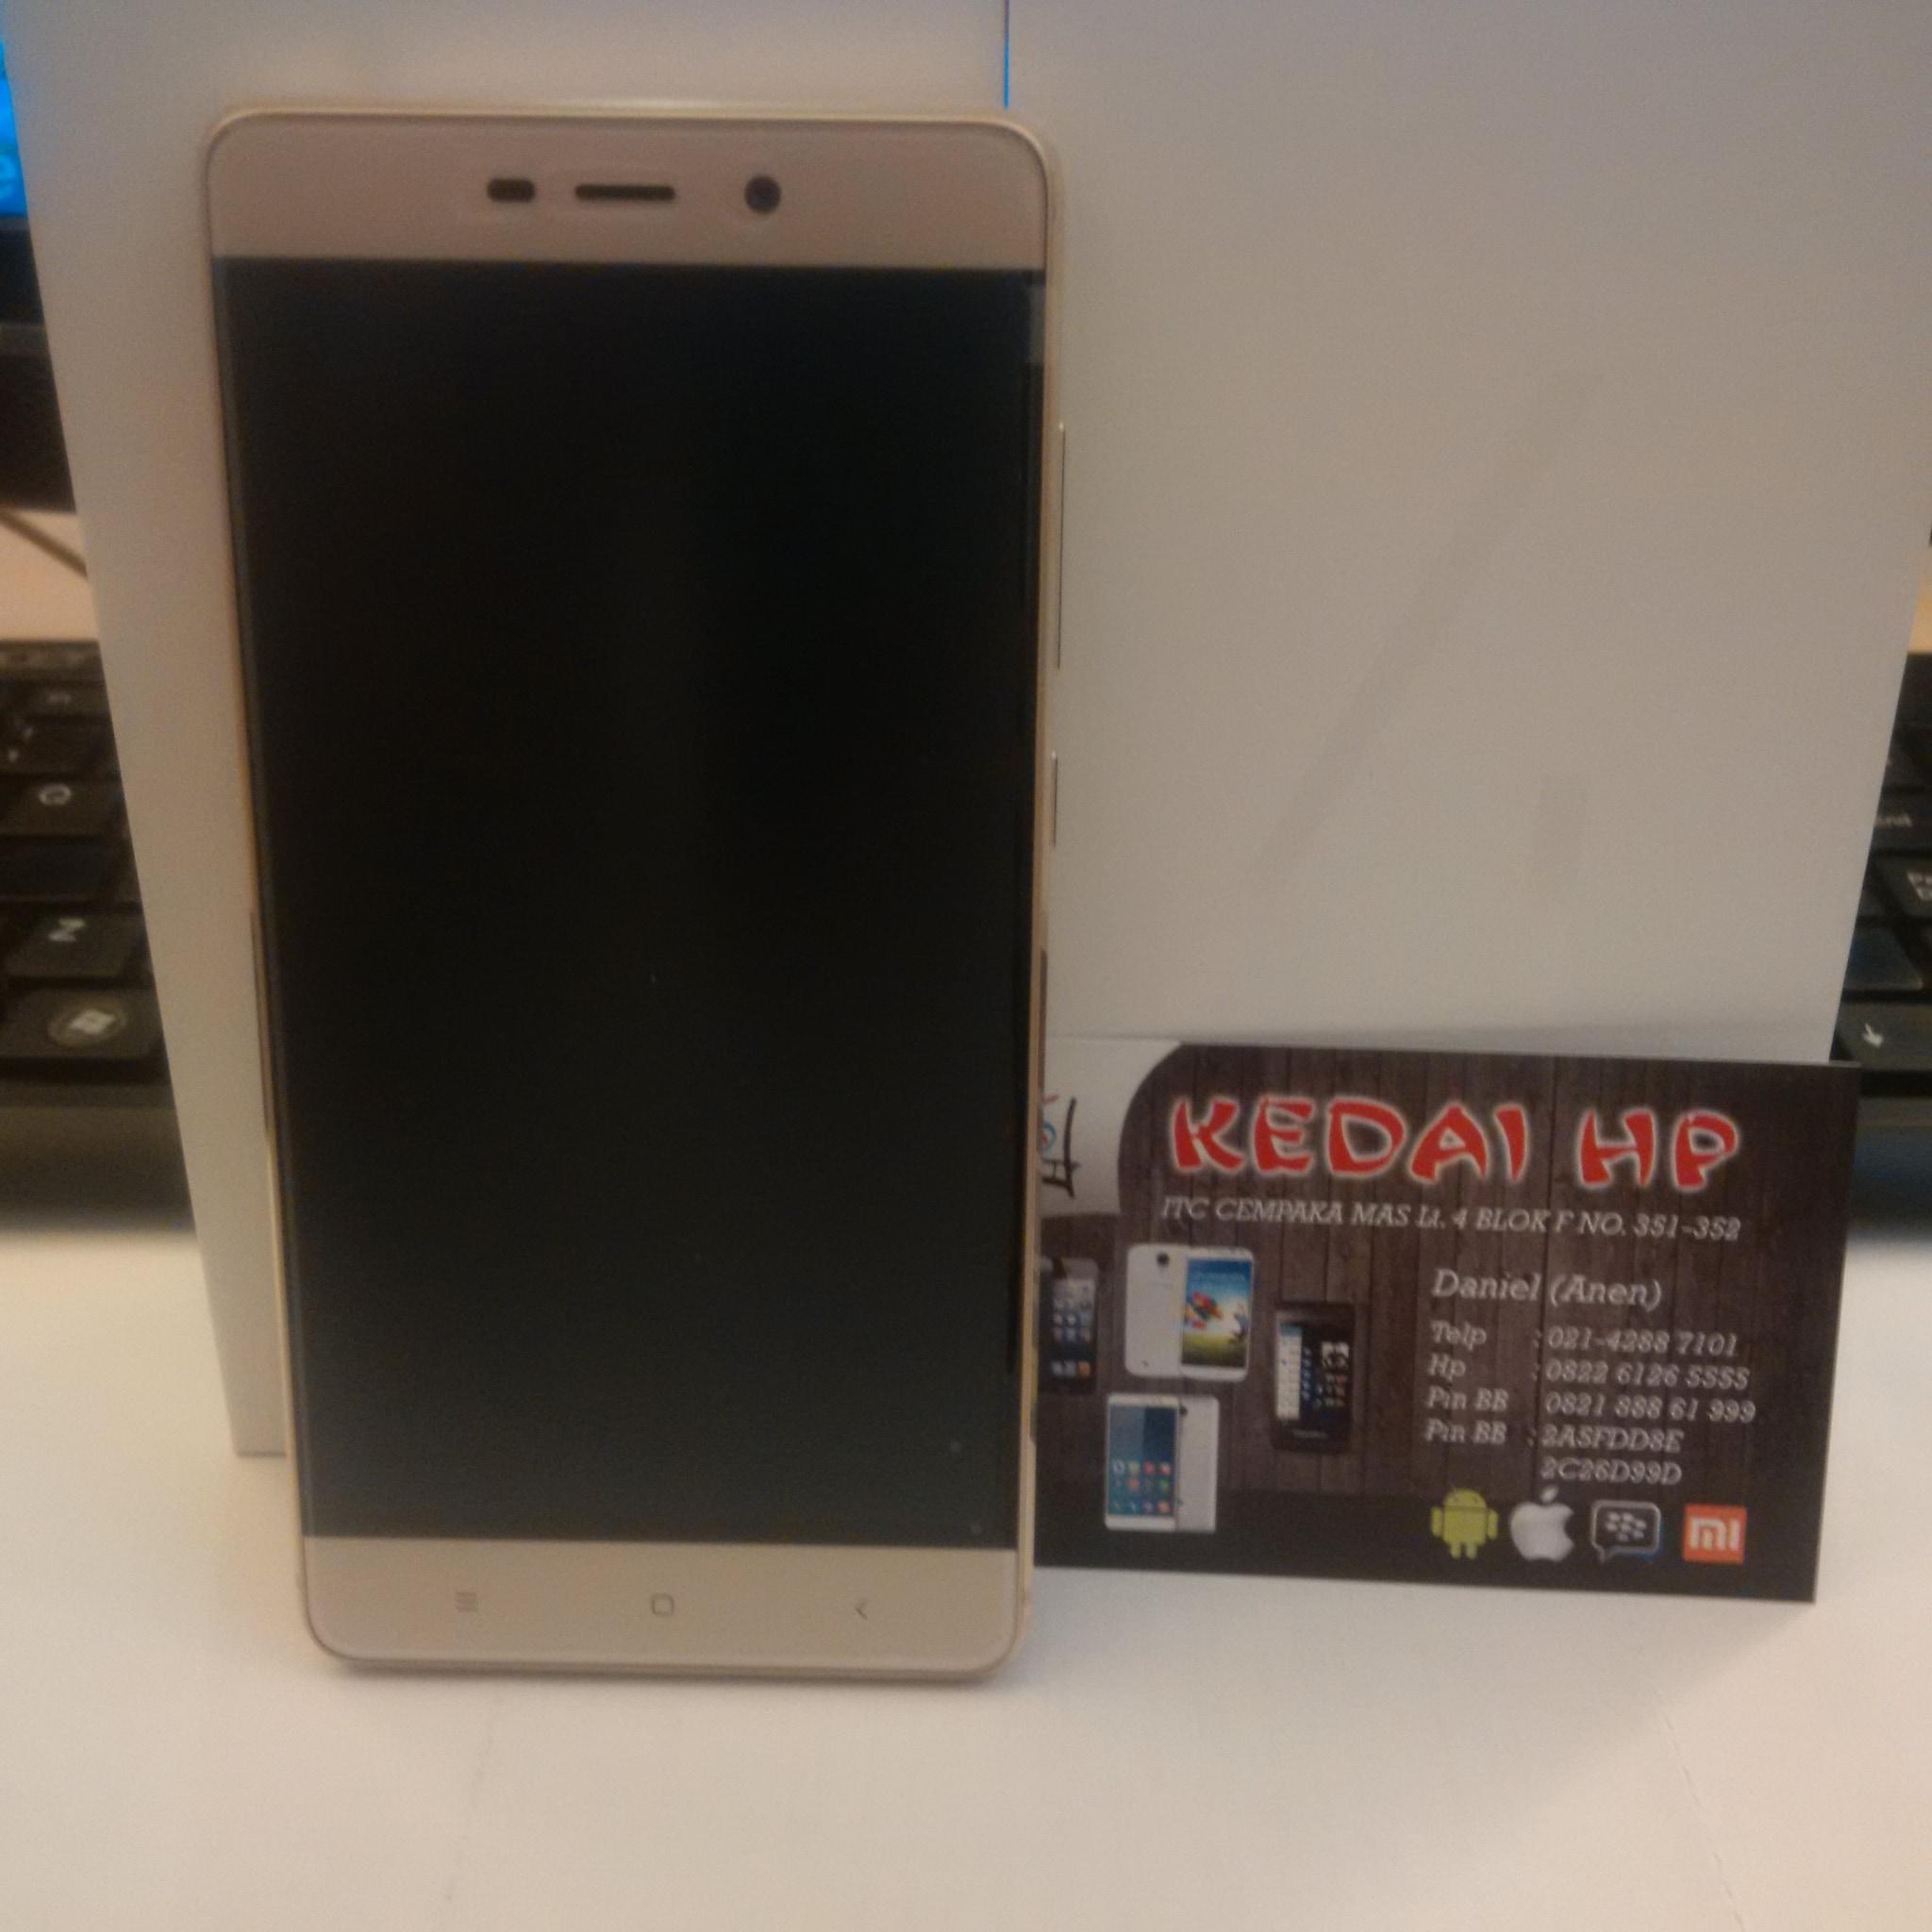 Jual Xiaomi Redmi 4 Prime Ram 3gb Internal 32gb Garansi Distributor Note Smartphone 1 Tahun Kedai Hp Tokopedia